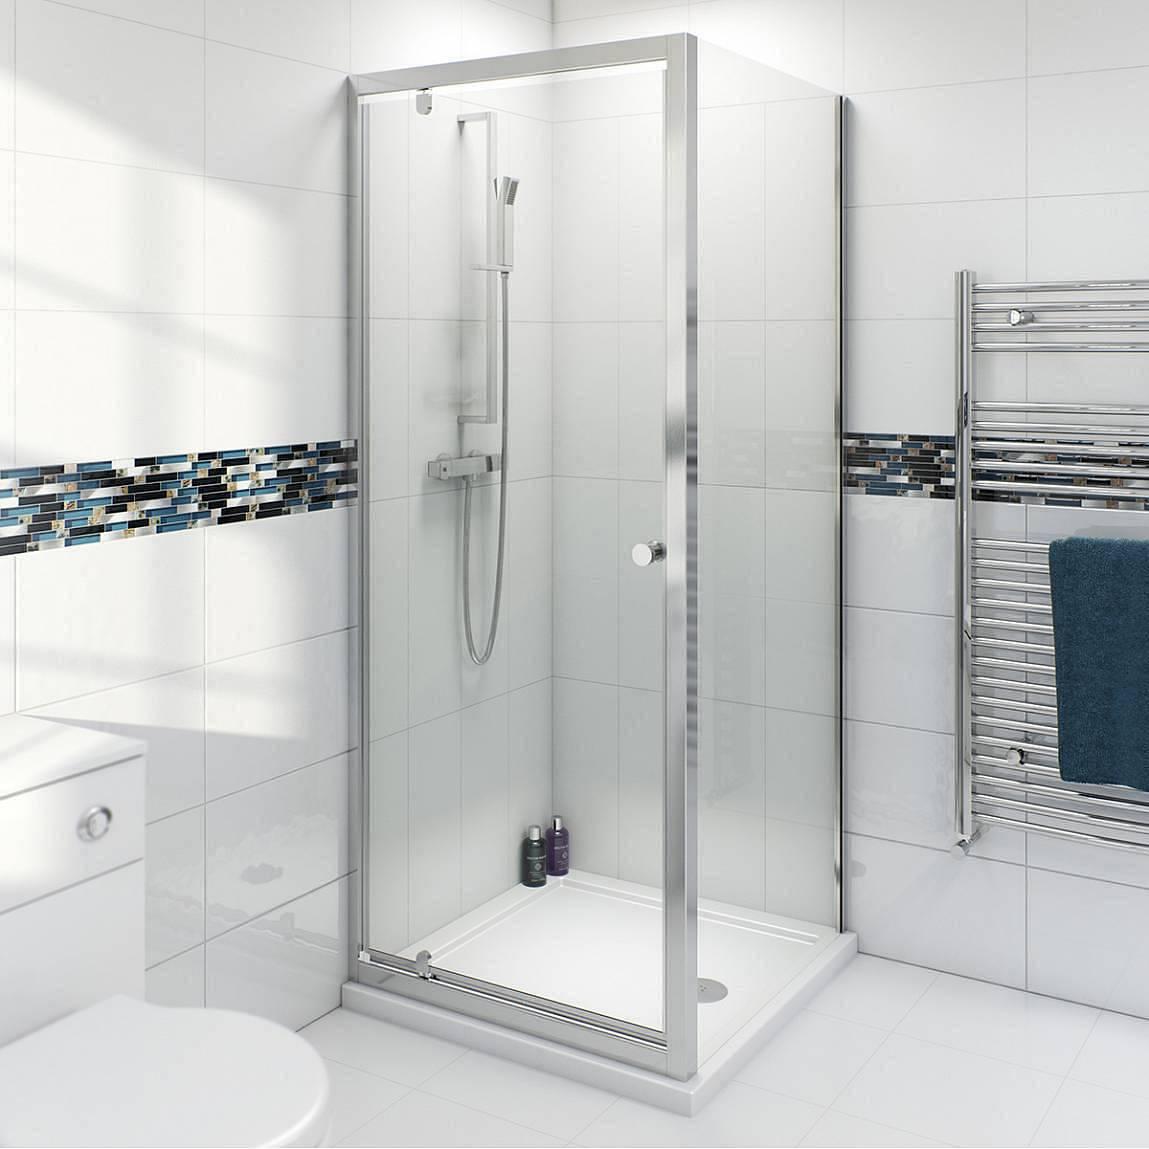 Image of V4 Pivot Enclosure 800 x 760